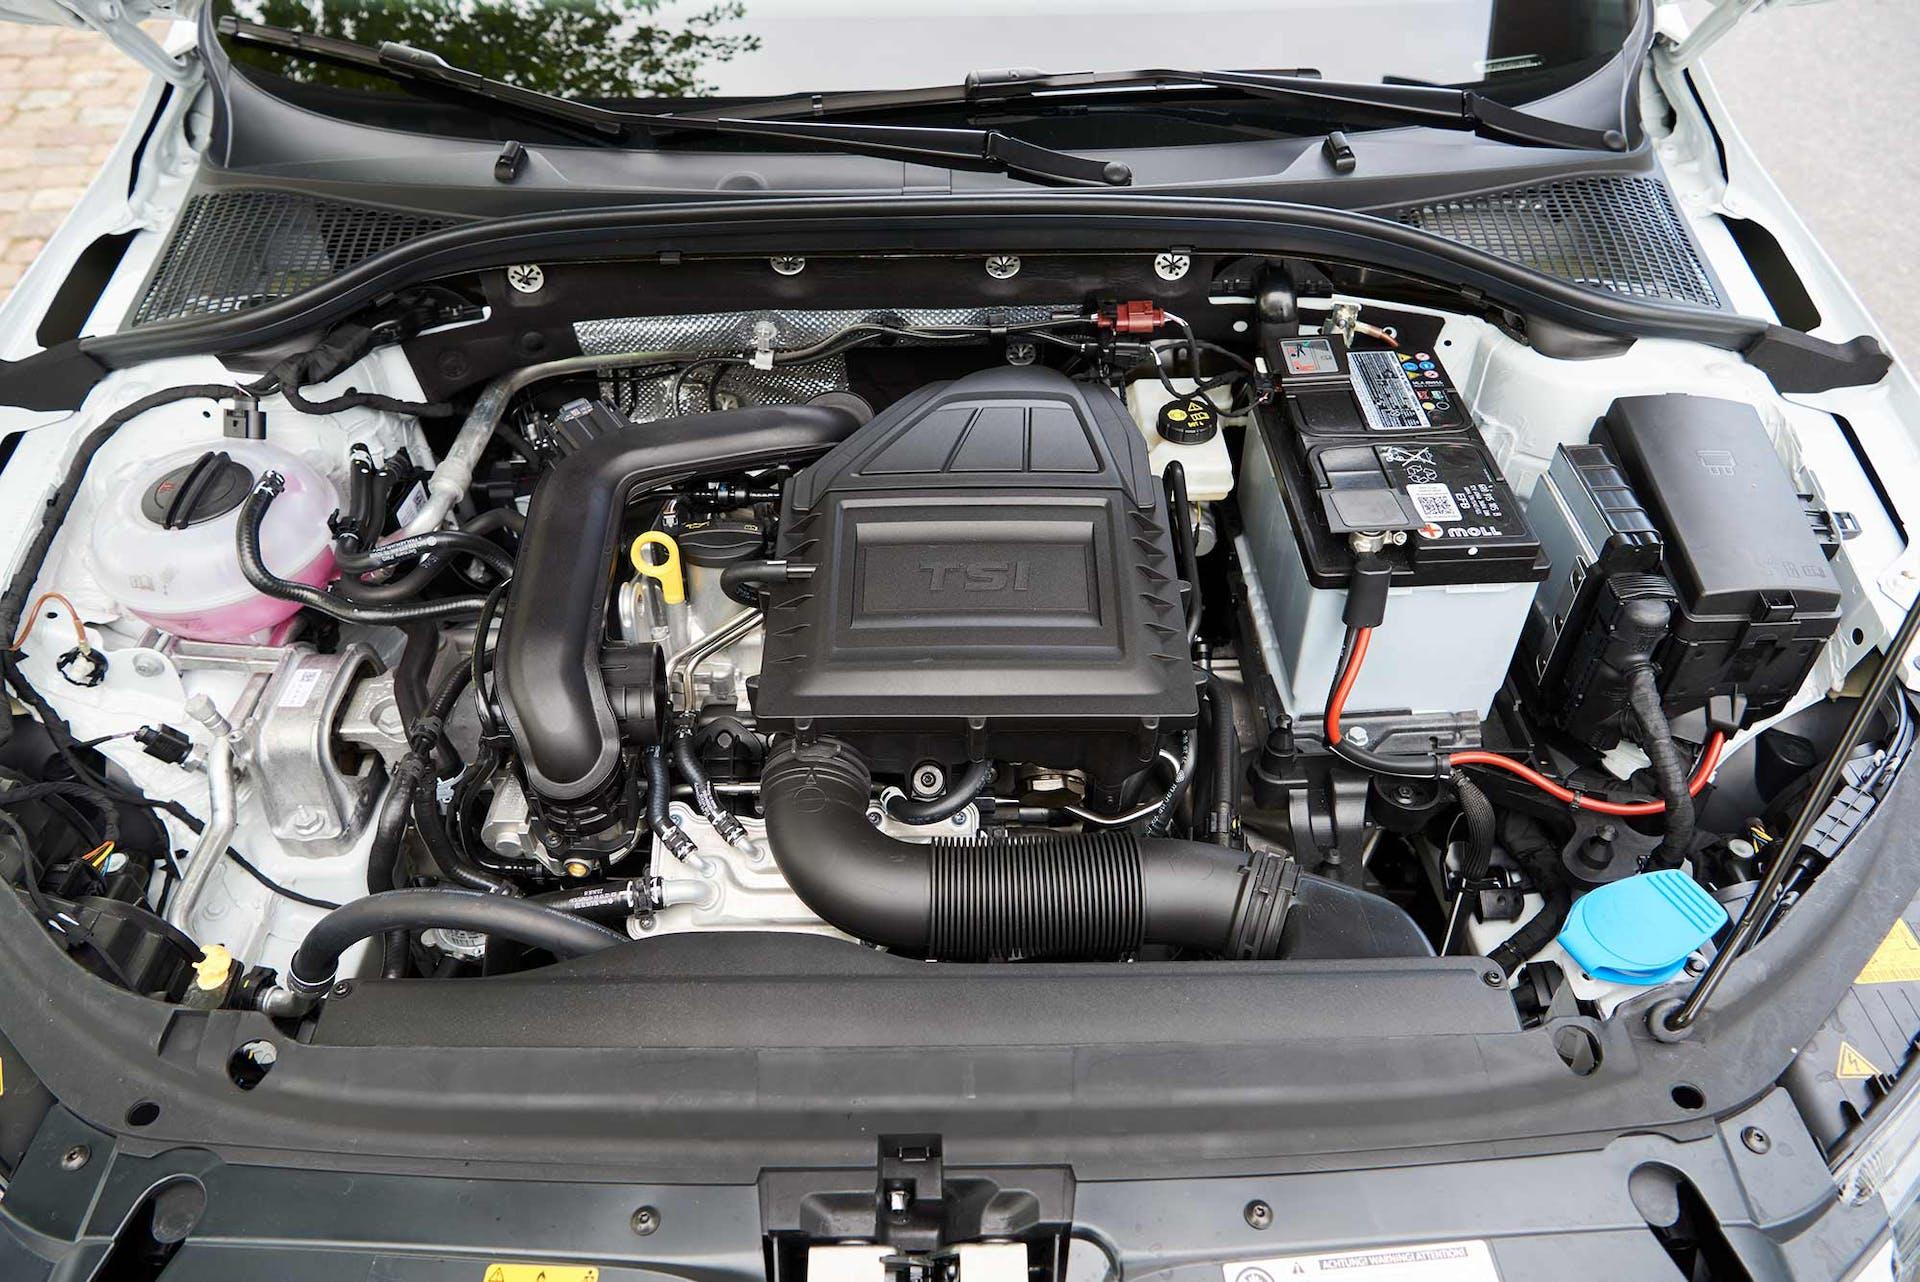 1.0-litrainen turbomoottori yllättää tehoreservillään ja vie kuormattunakin Octaviaa uskomattoman vaivattomasti.